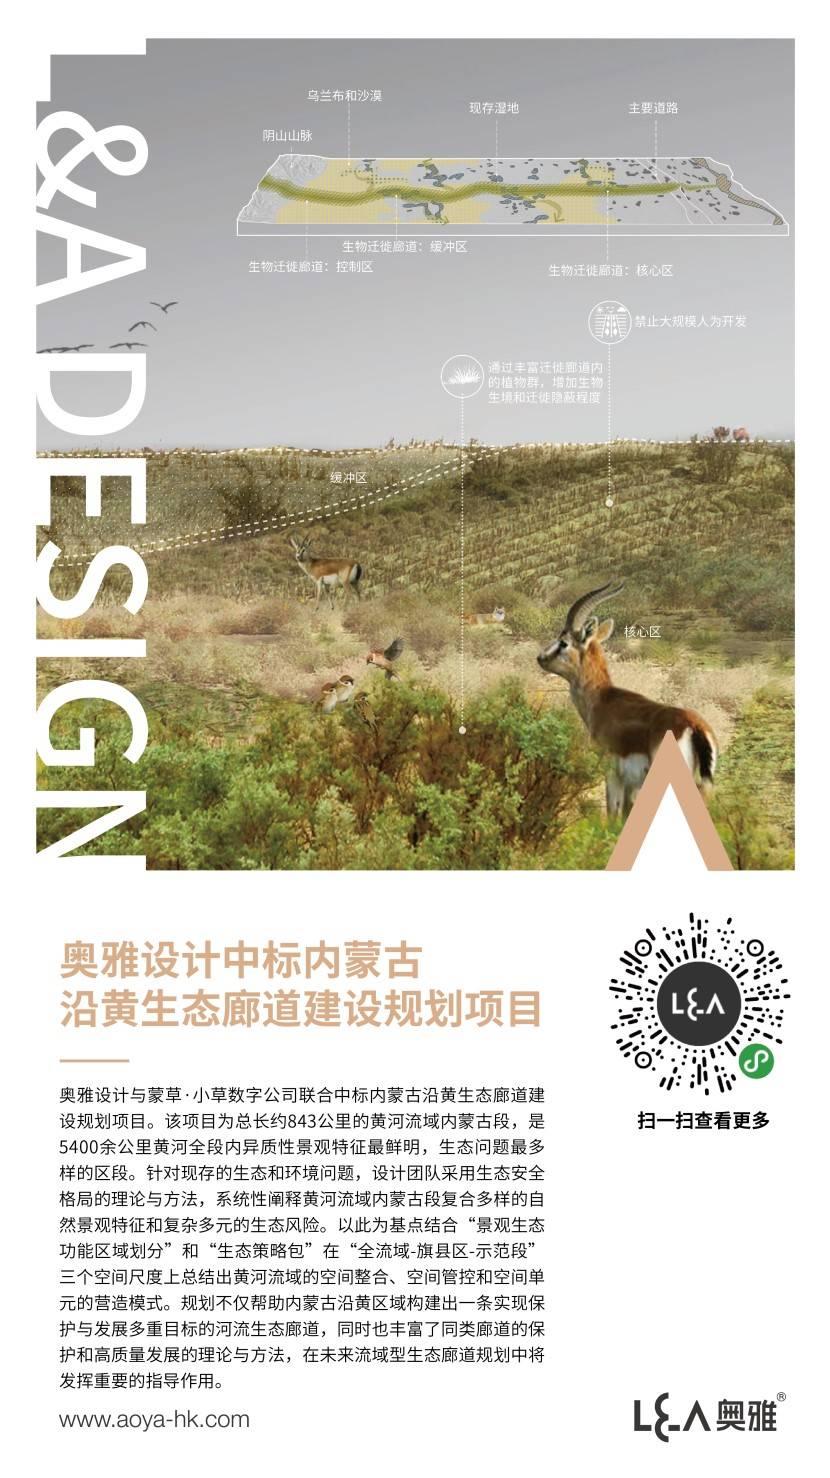 奧雅設計中標內蒙古沿黃生態廊道建設規劃項目: